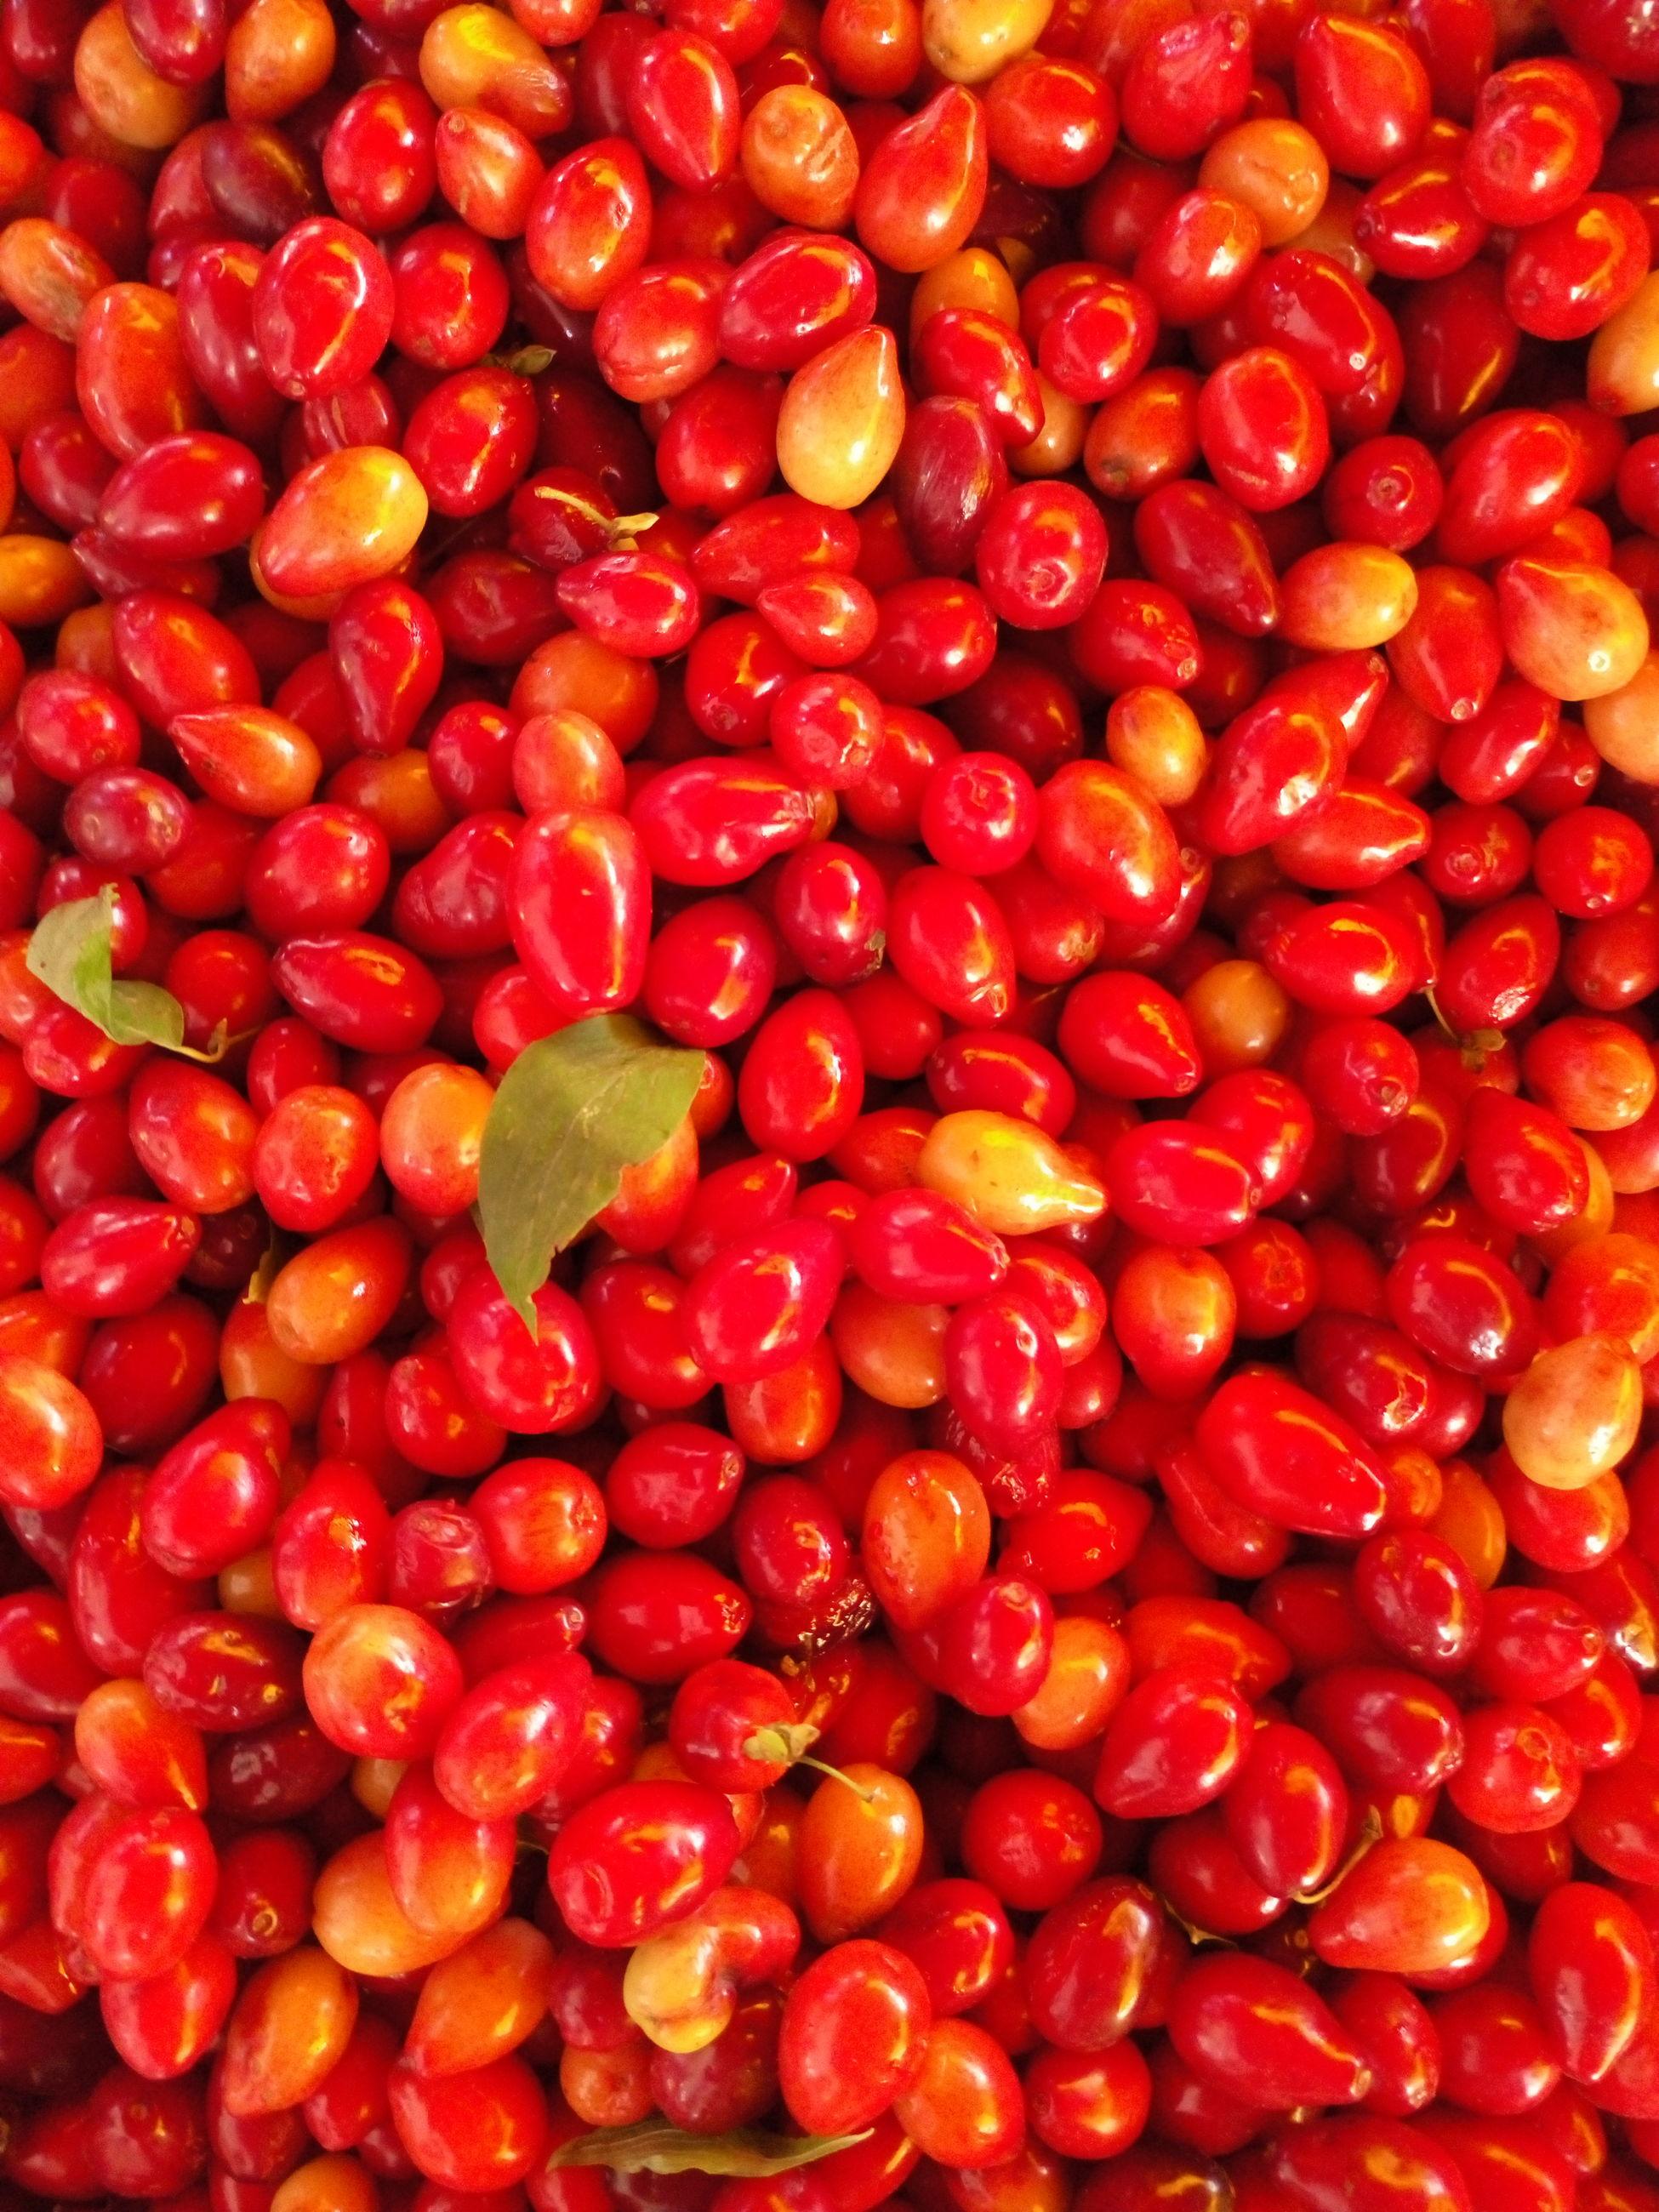 Full frame shot of cranberries at market